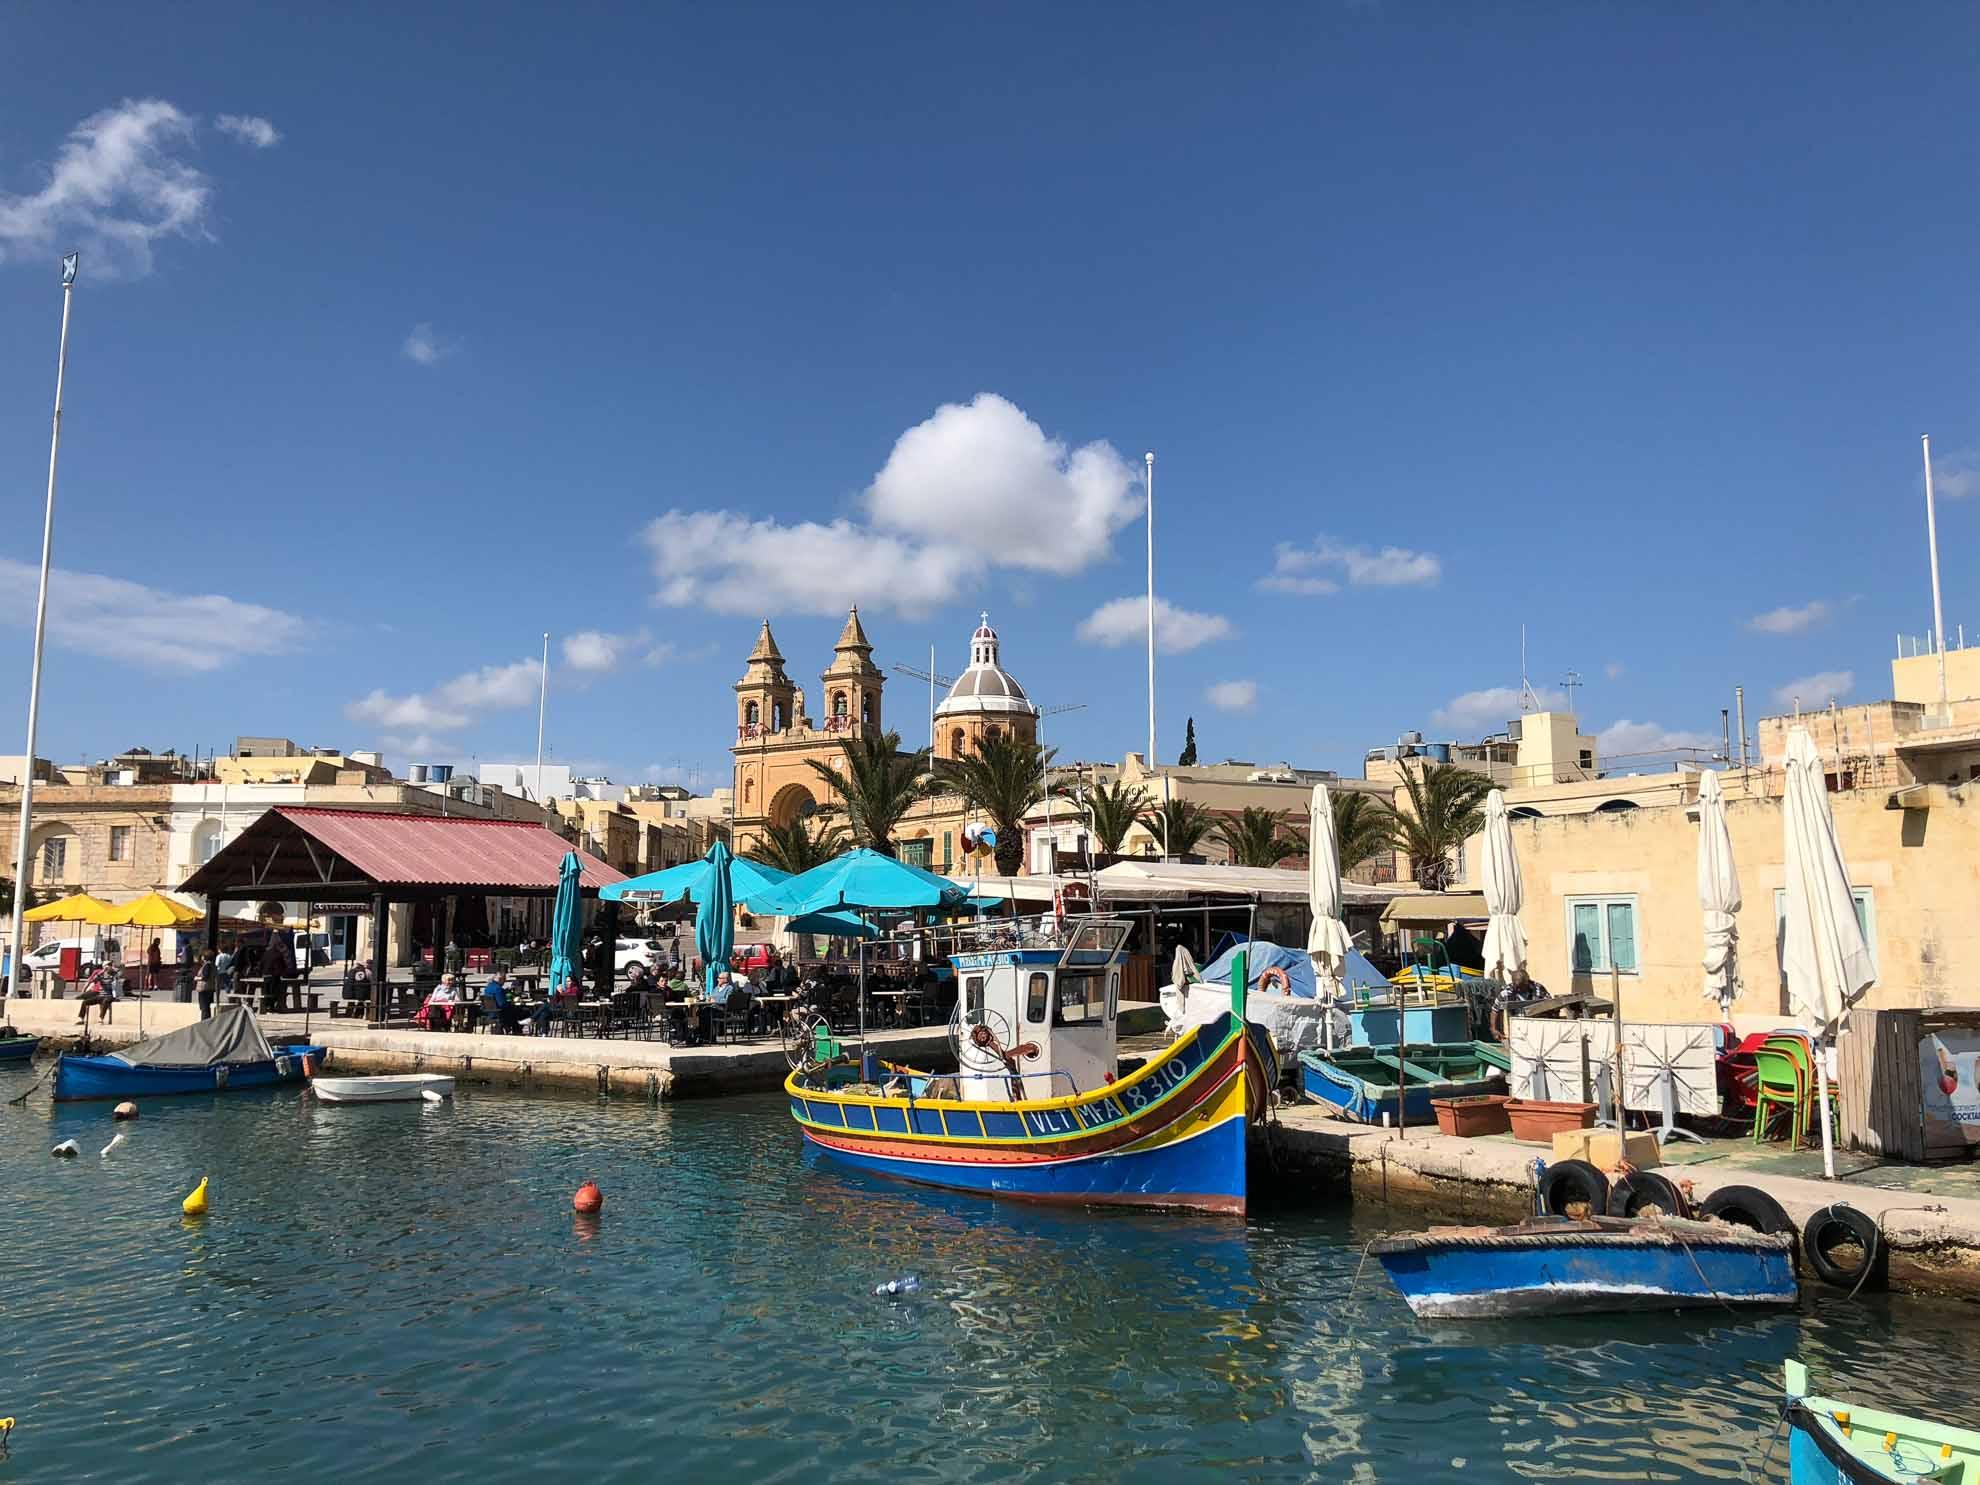 Unter anderem in den Fischerort Marsaxlokk im Südosten Maltas. Die bunten Boote sind charakteristisch für den Hafen.